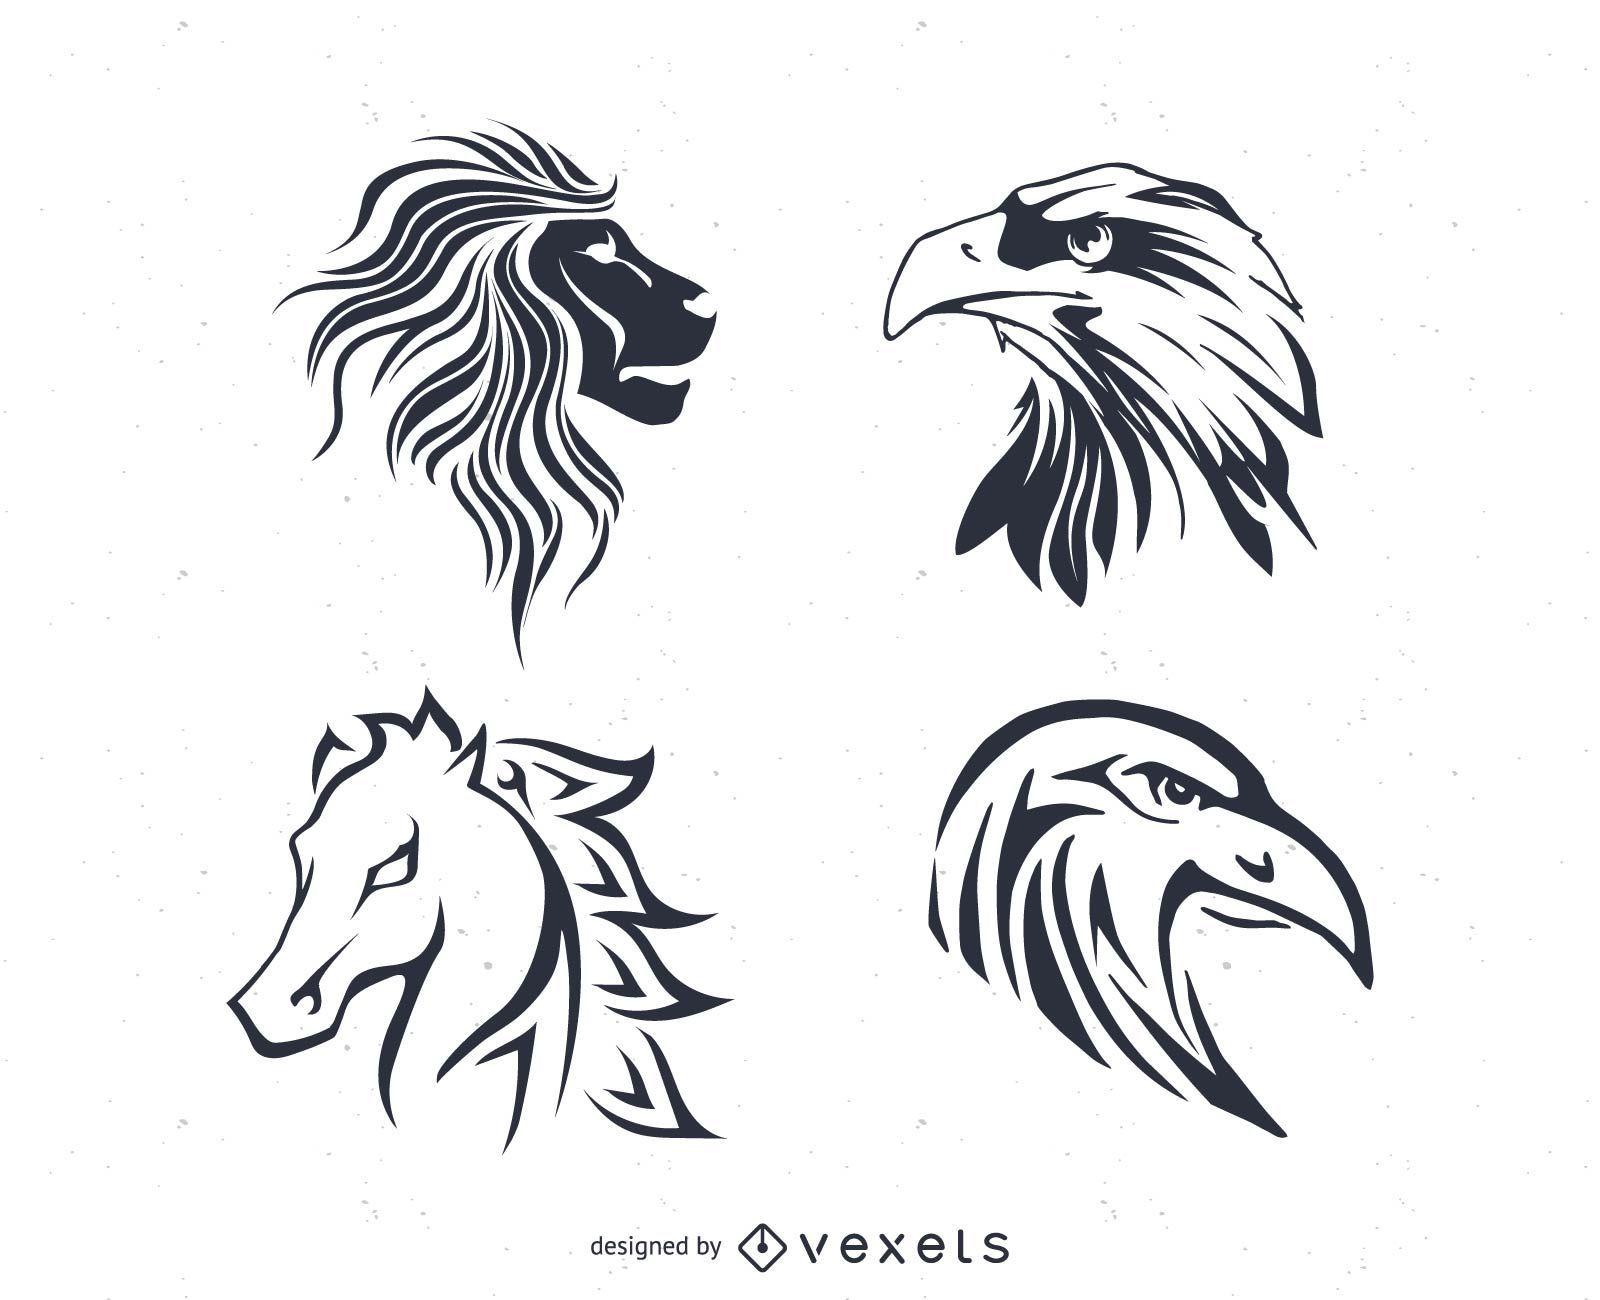 Vectores del tatuaje